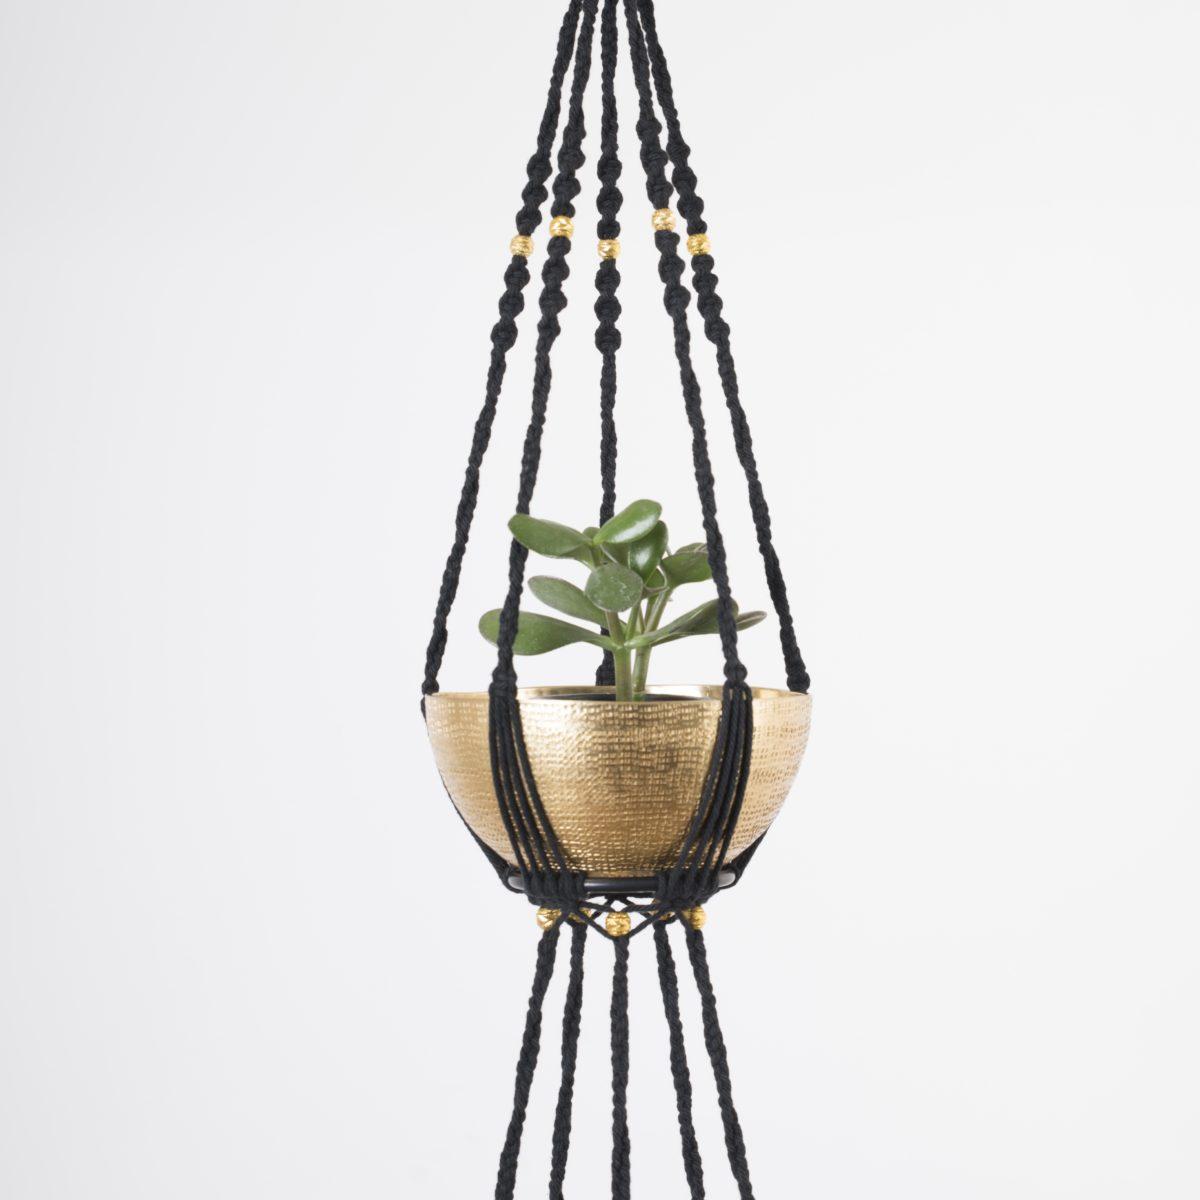 suspension plantes macramé 2 étages